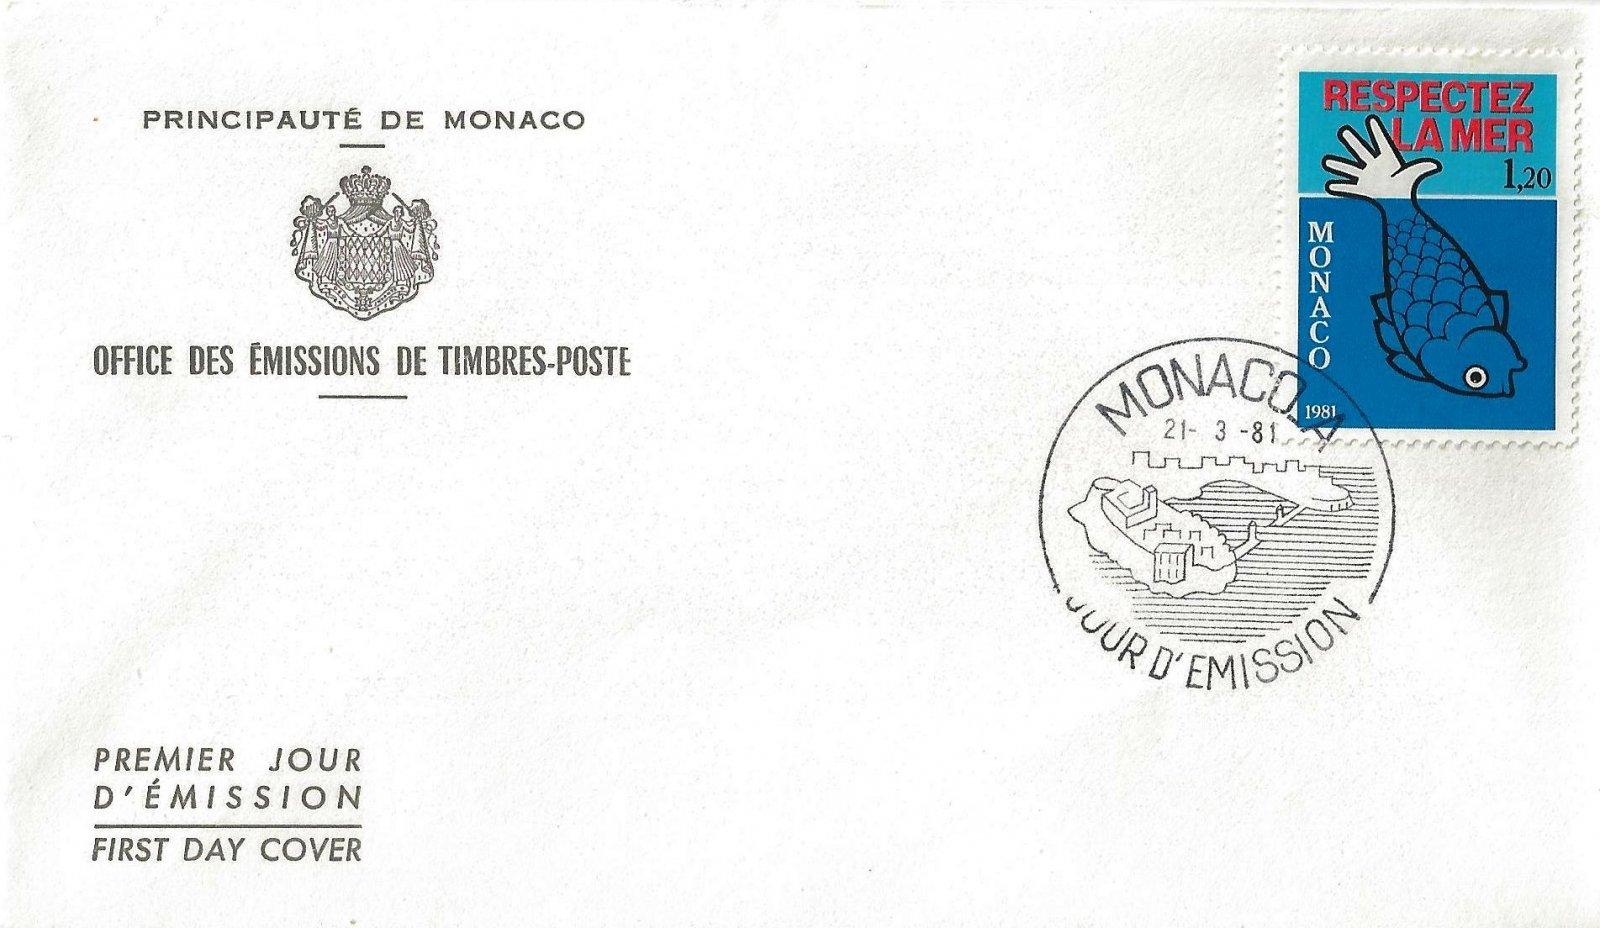 1981 RESPECTEZ LA MER